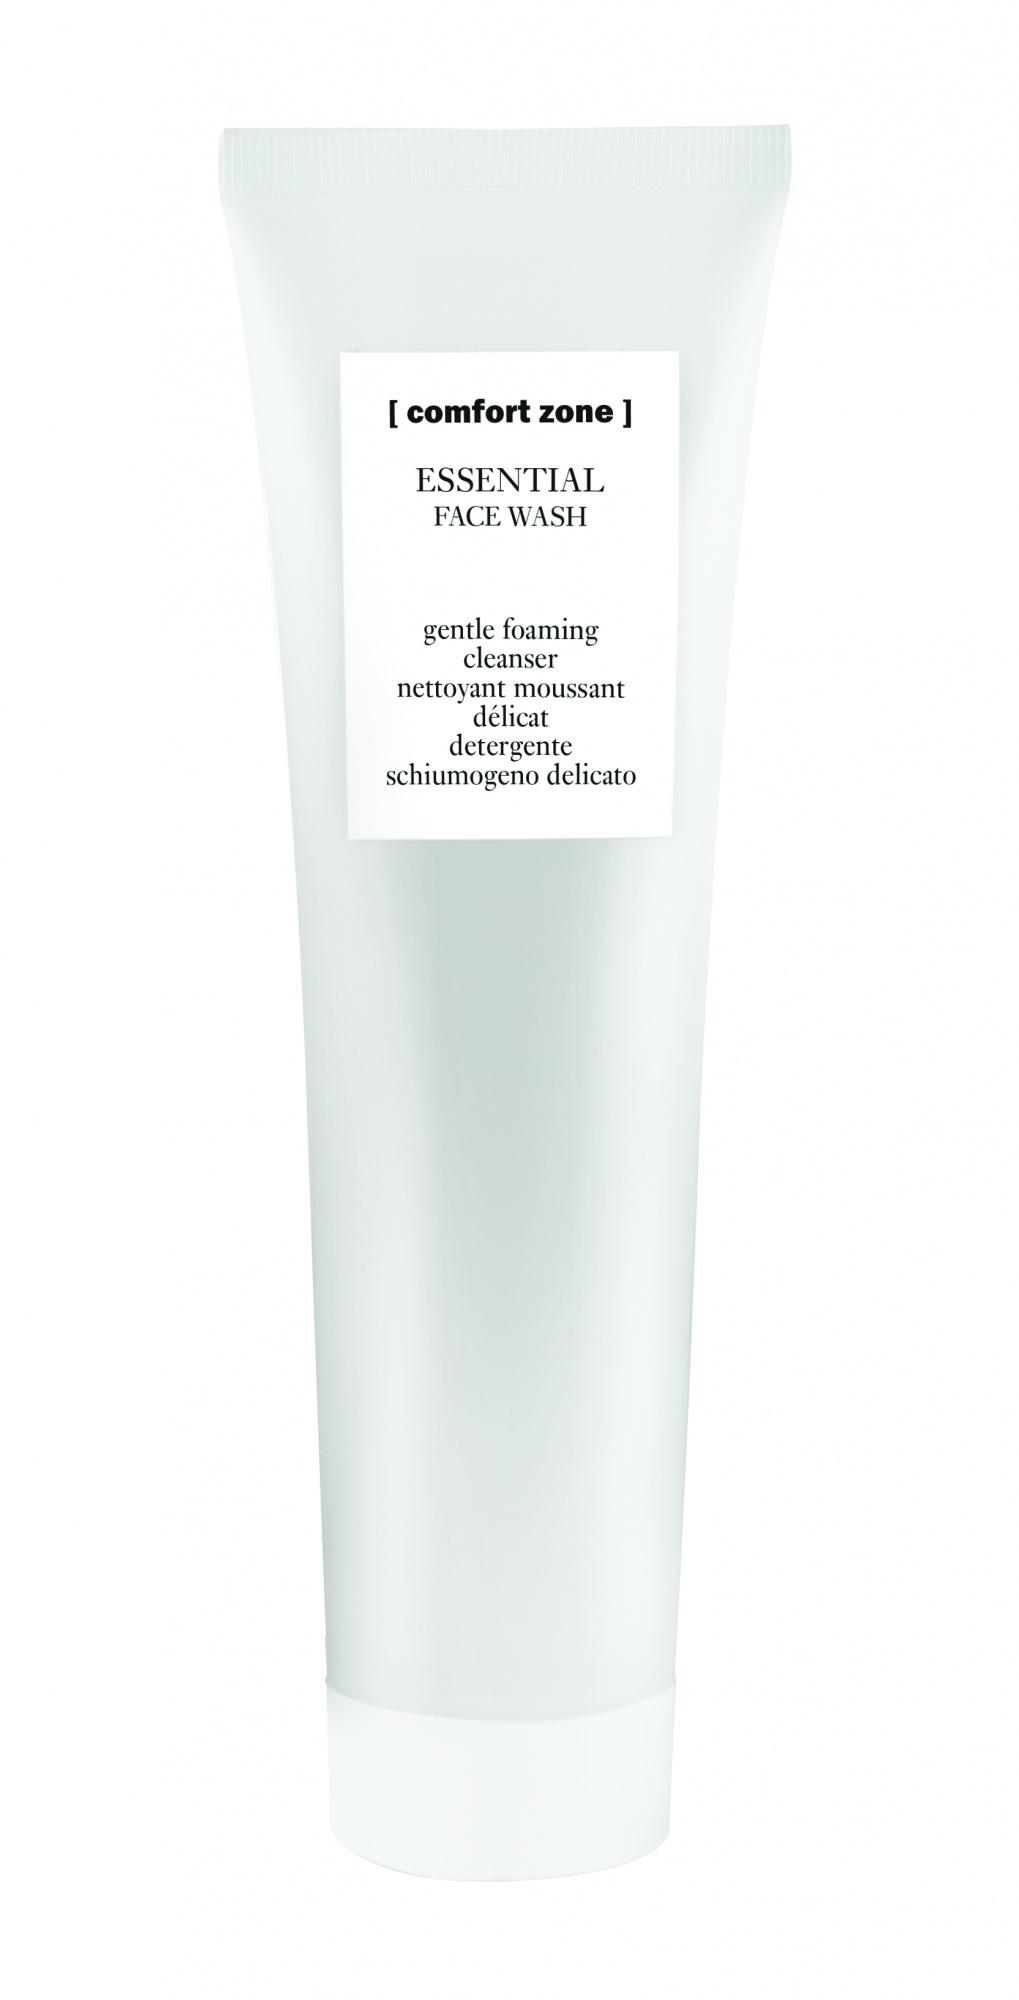 Гель для умывания Comfort Zone Essential Face Wash 150 мл